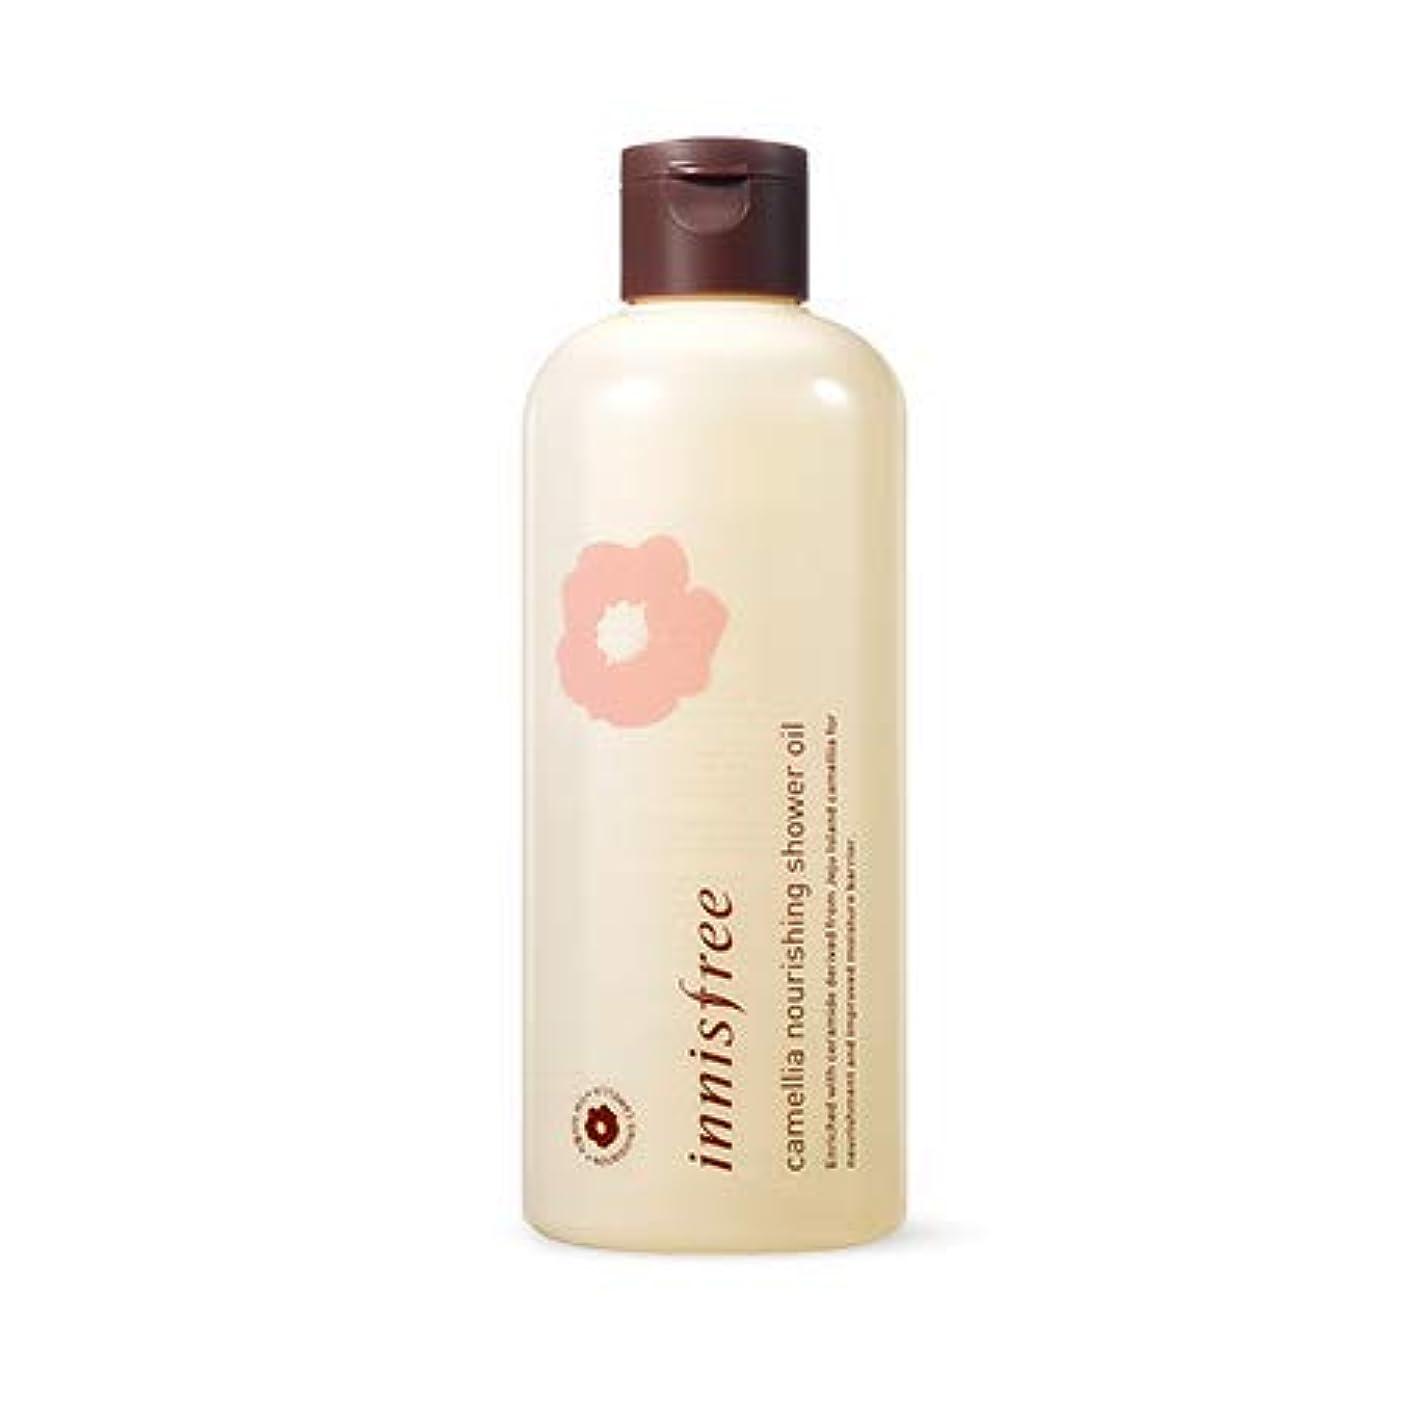 練習渇き運ぶ[イニスフリー.innisfree]カメリアナリーシンシャワーオイル300mL/ Camellia Nourishing Shower Oil